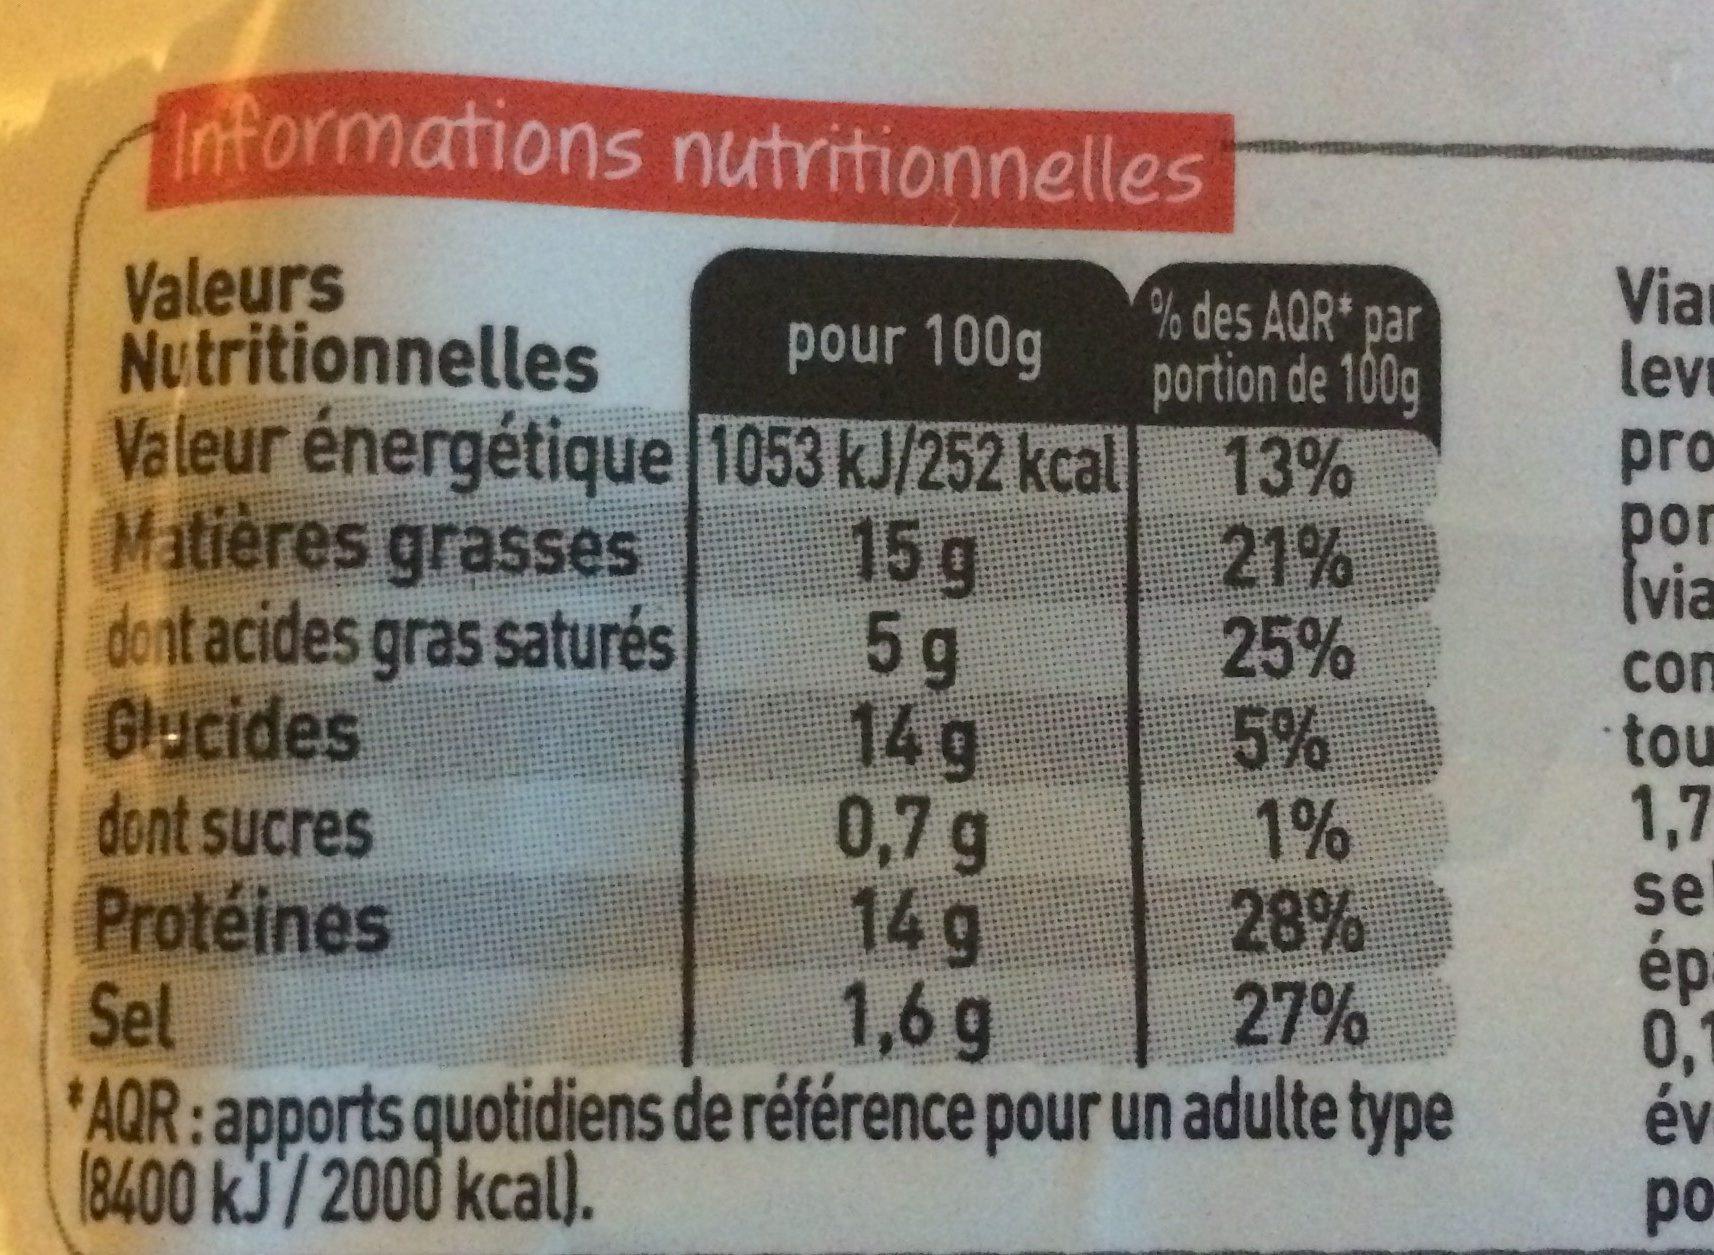 Boeuf Haché (85% de Maigre / 15% de Matières Grasses, Pâté, Cuit, Grillé) - Informations nutritionnelles